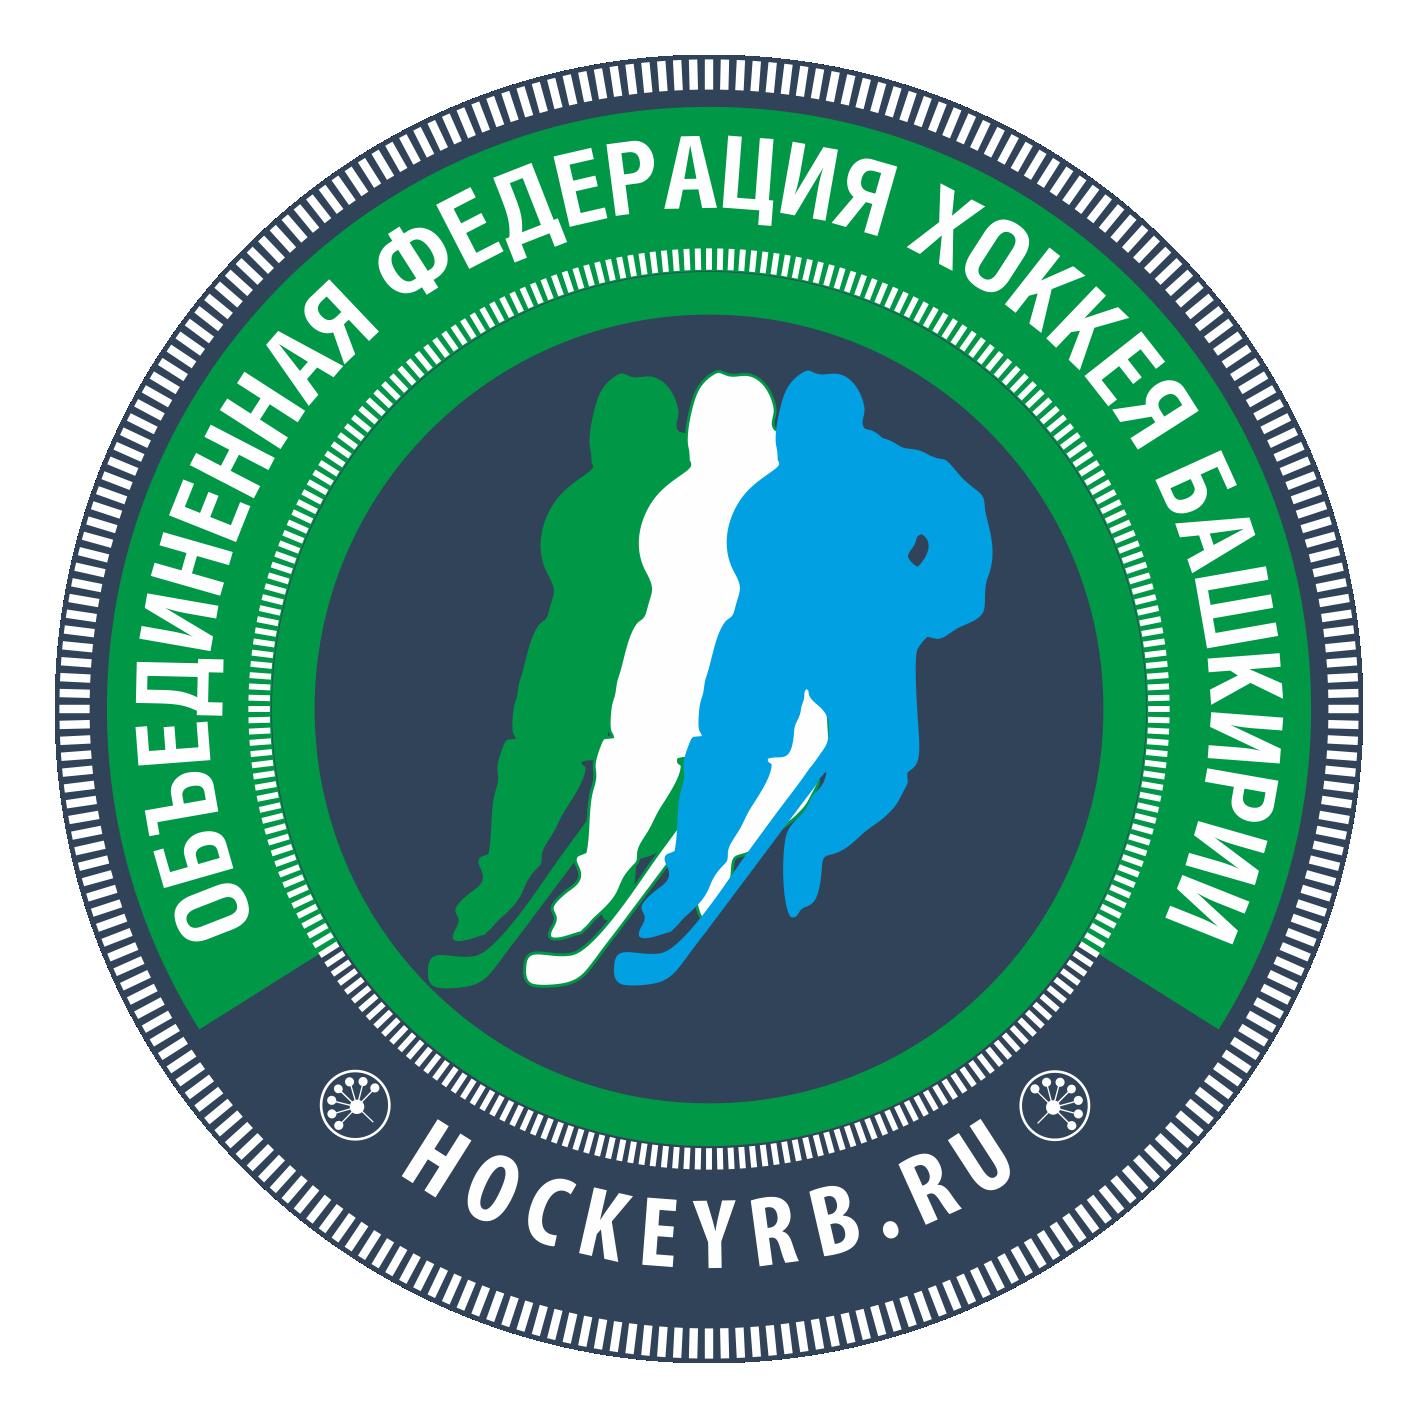 Чемпионат Республики Башкортостан по хоккею с шайбой среди взрослых команд